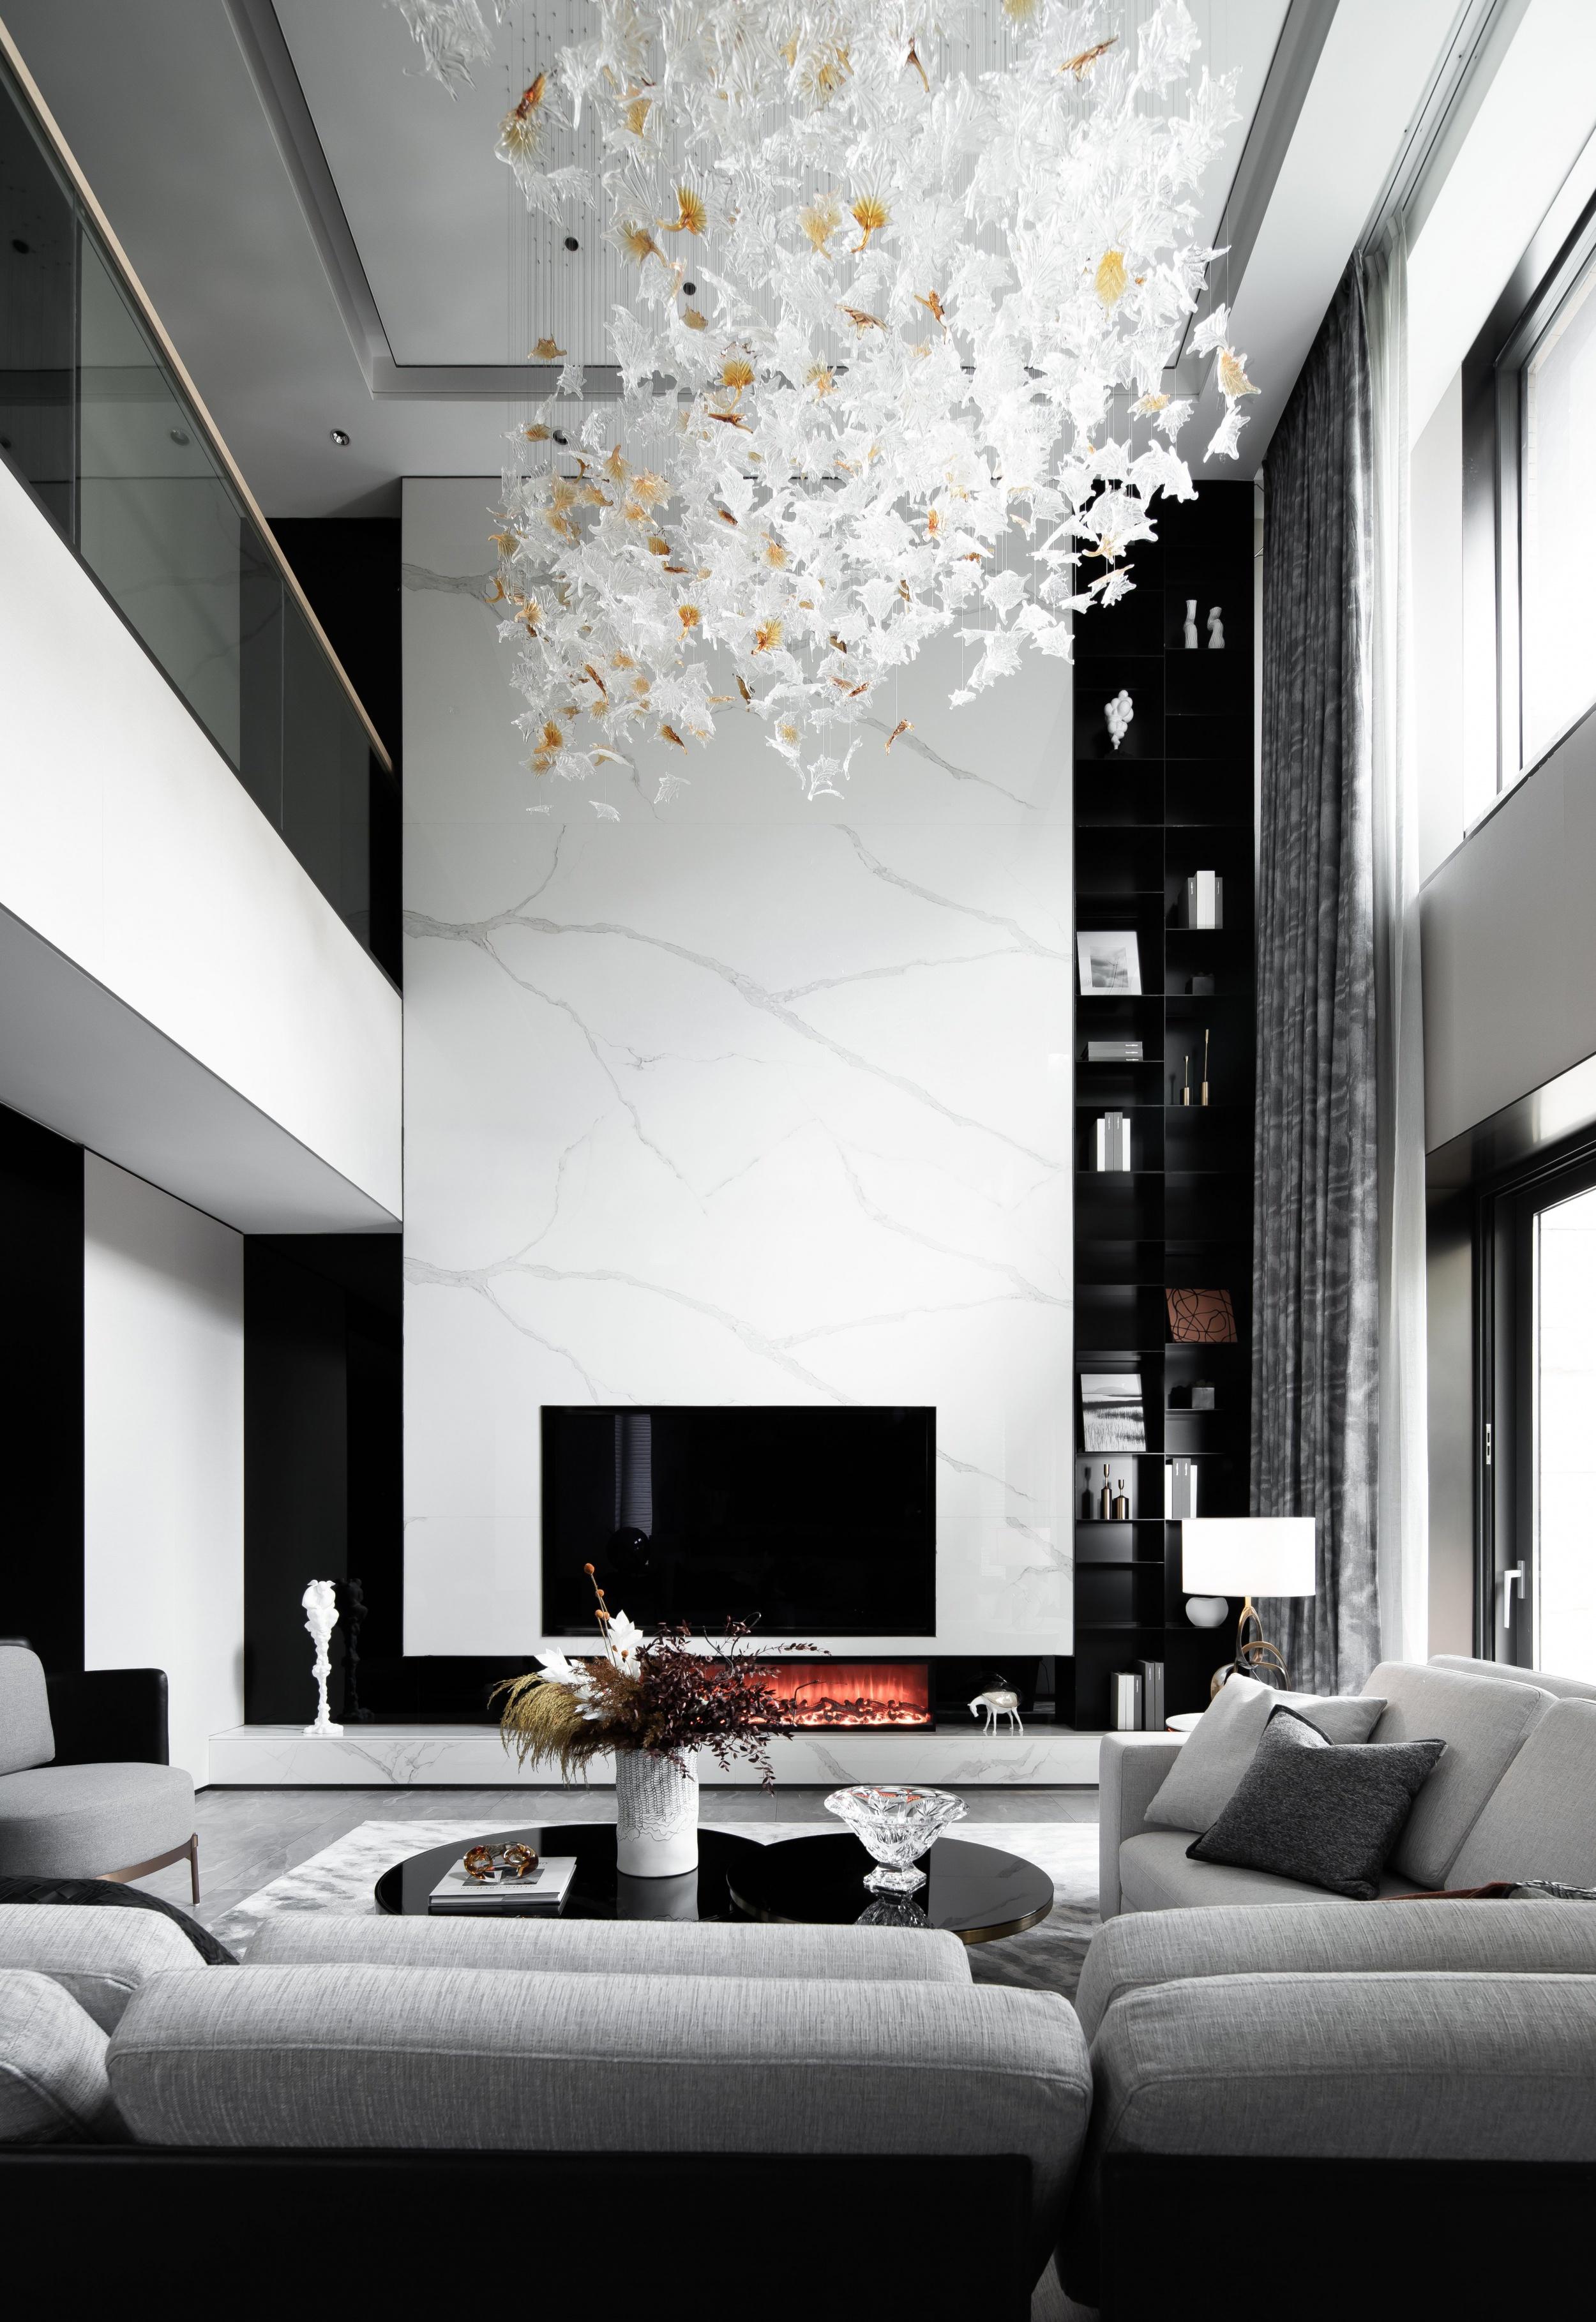 臻品空间设计   万科白沙润园:1700㎡别墅 向美而生,逐光而行!